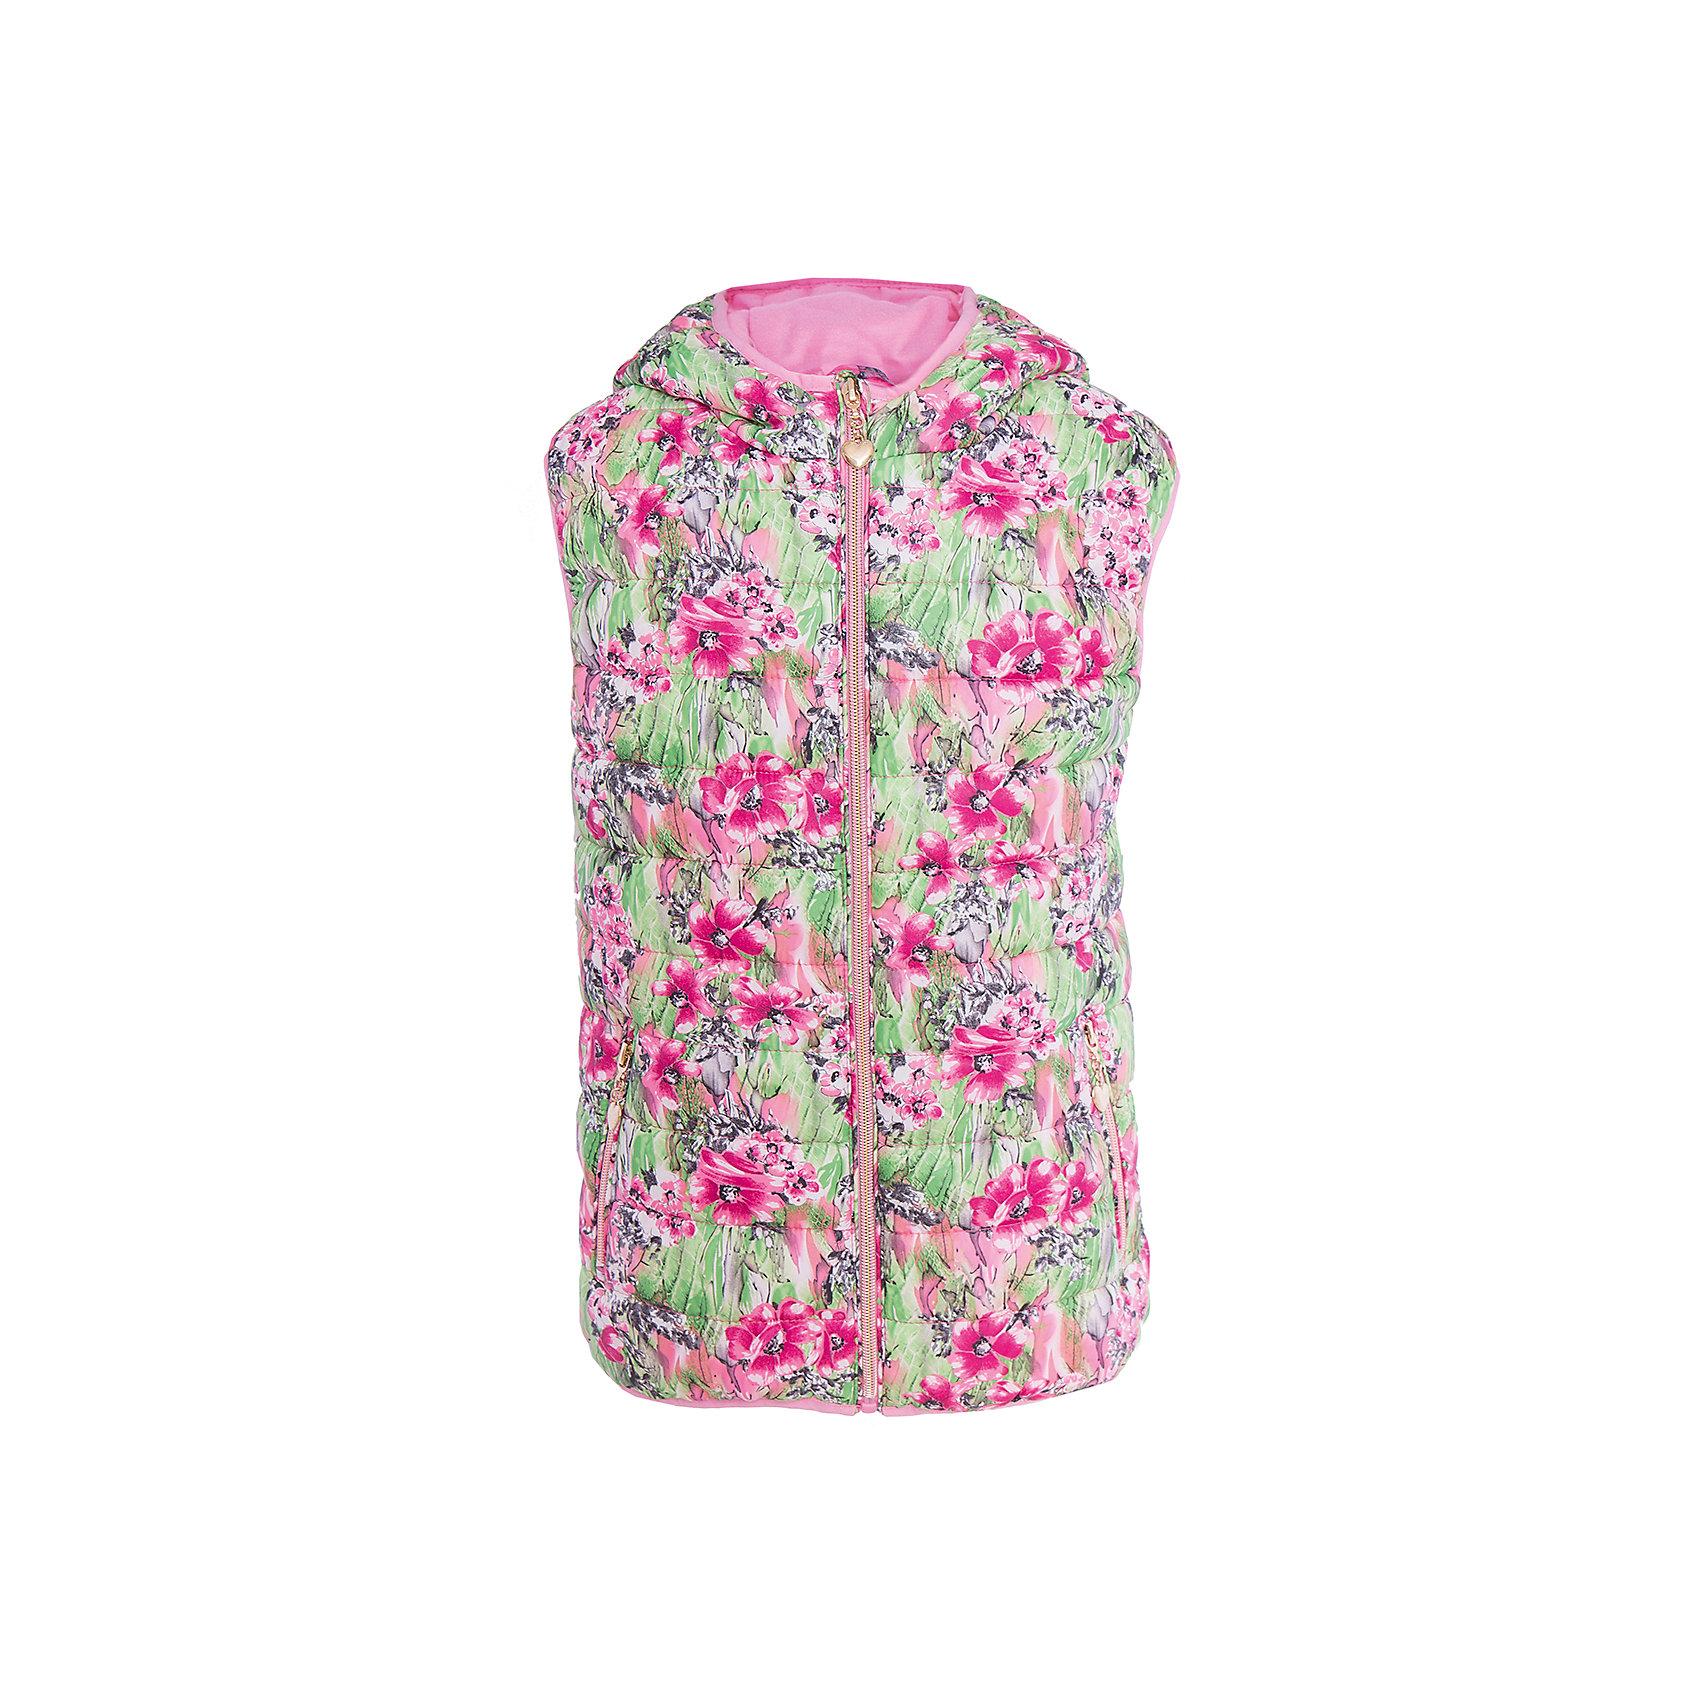 Жилет для девочки SELAВерхняя одежда<br>Характеристики товара:<br><br>• цвет: зеленый/розовый<br>• состав: 100% полиэстер<br>• температурный режим: от +20°до +10°С<br>• принт<br>• яркая подкладка<br>• капюшон (не отстёгивается)<br>• карманы<br>• молния<br>• коллекция весна-лето 2017<br>• страна бренда: Российская Федерация<br><br>Вещи из новой коллекции SELA продолжают радовать удобством! Стильный жилет для девочки поможет разнообразить гардероб ребенка и обеспечить комфорт. Он отлично сочетается с юбками и брюками. Отличается оригинальным принтом.<br><br>Одежда, обувь и аксессуары от российского бренда SELA не зря пользуются большой популярностью у детей и взрослых! Модели этой марки - стильные и удобные, цена при этом неизменно остается доступной. Для их производства используются только безопасные, качественные материалы и фурнитура. Новая коллекция поддерживает хорошие традиции бренда! <br><br>Джемпер для девочки от популярного бренда SELA (СЕЛА) можно купить в нашем интернет-магазине.<br><br>Ширина мм: 190<br>Глубина мм: 74<br>Высота мм: 229<br>Вес г: 236<br>Цвет: разноцветный<br>Возраст от месяцев: 84<br>Возраст до месяцев: 96<br>Пол: Женский<br>Возраст: Детский<br>Размер: 128,140,152,116<br>SKU: 5304817